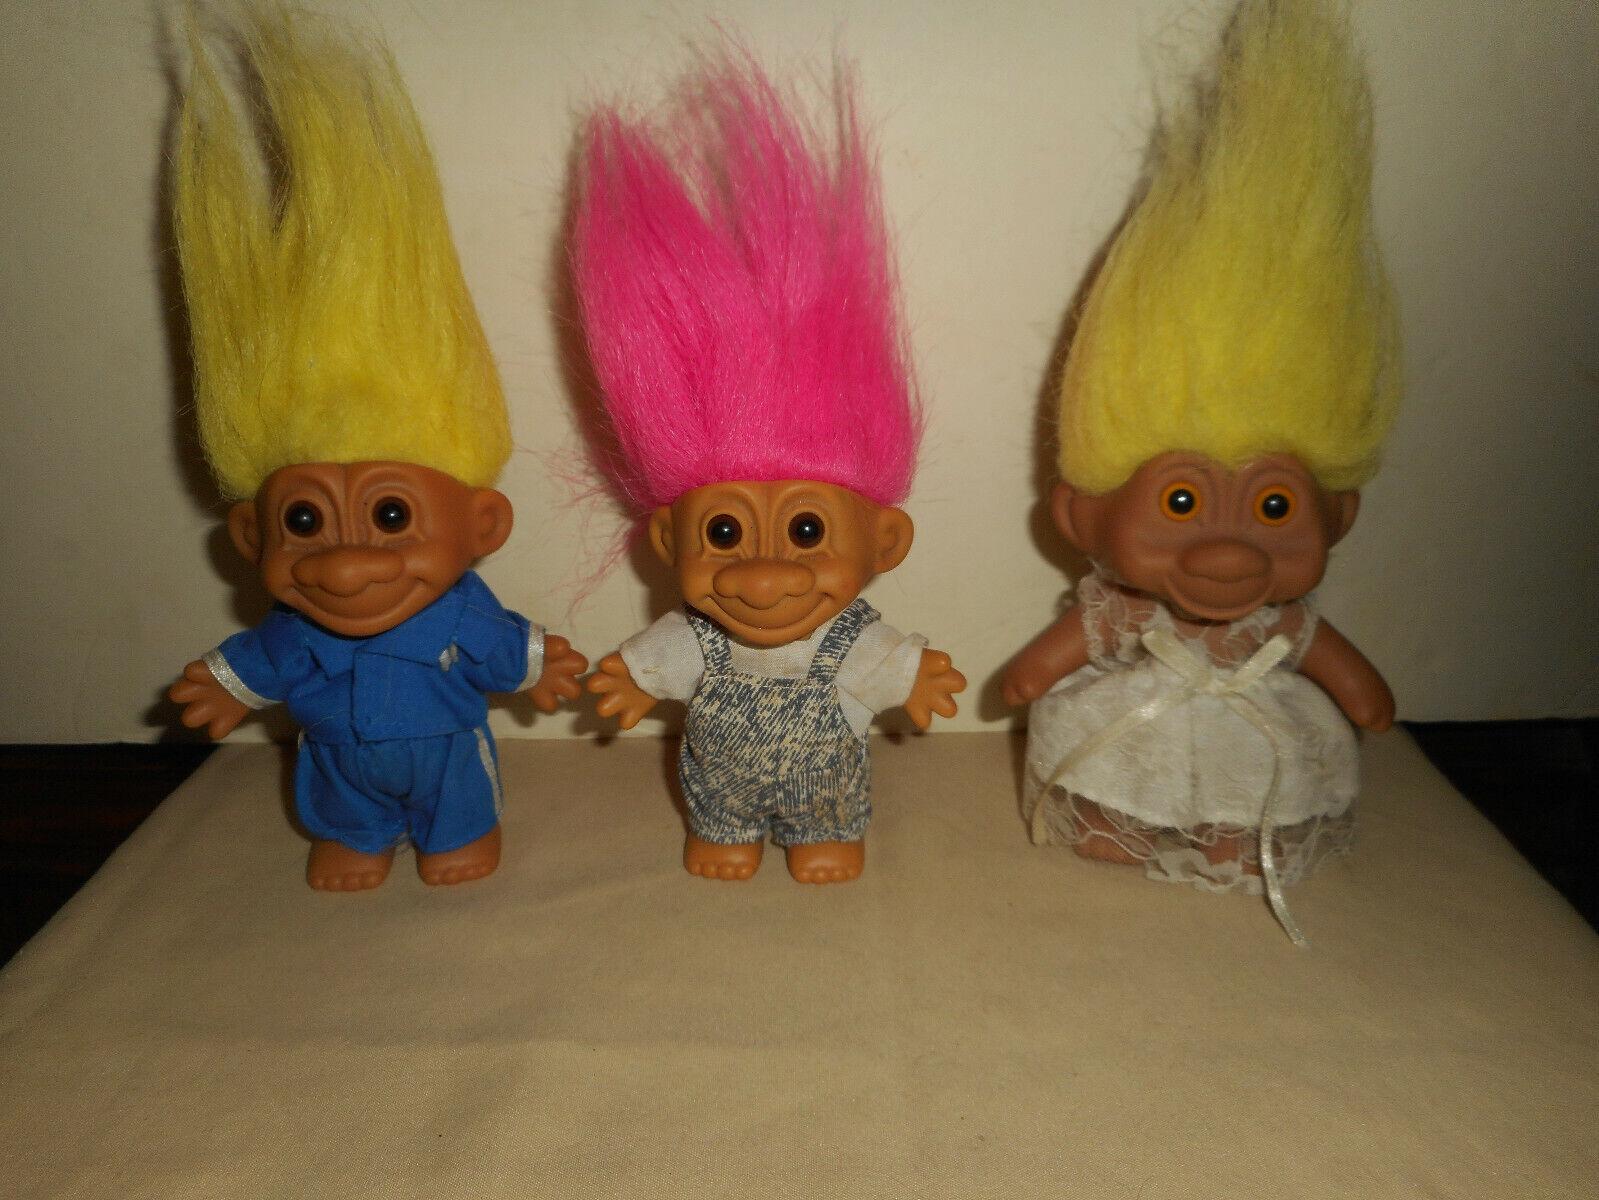 Vintage Russ Troll Doll Lot 1991 TNT Bride Wedding Dress Karate Blue Denim Bib - $20.50